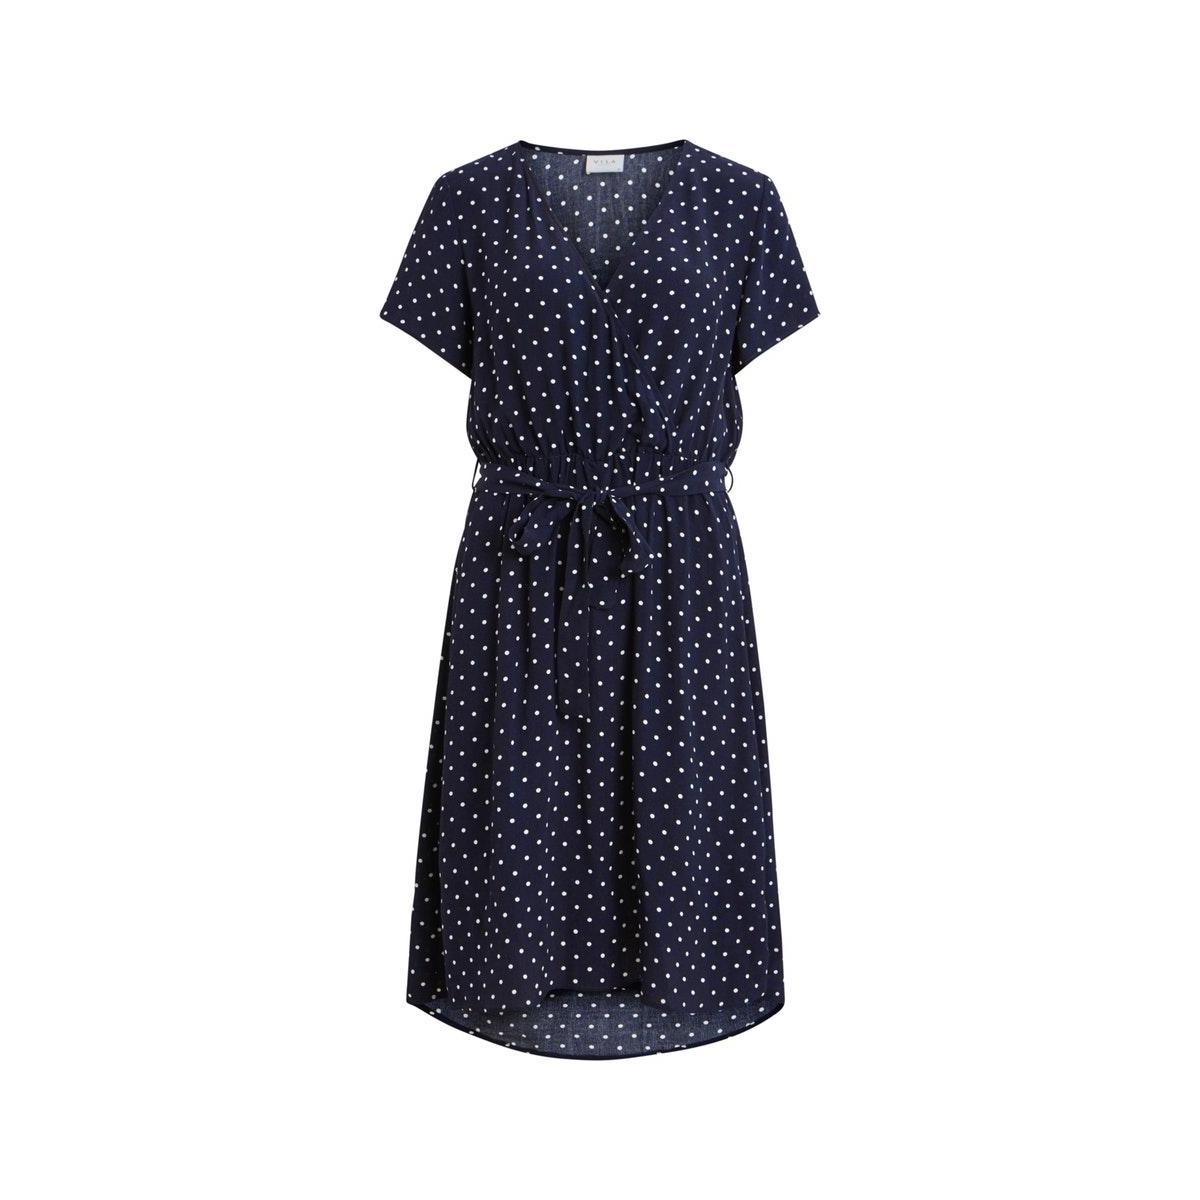 viprimera wrap s/s dress-fav lux 14055567 vila jurk nazy blazer/snow white